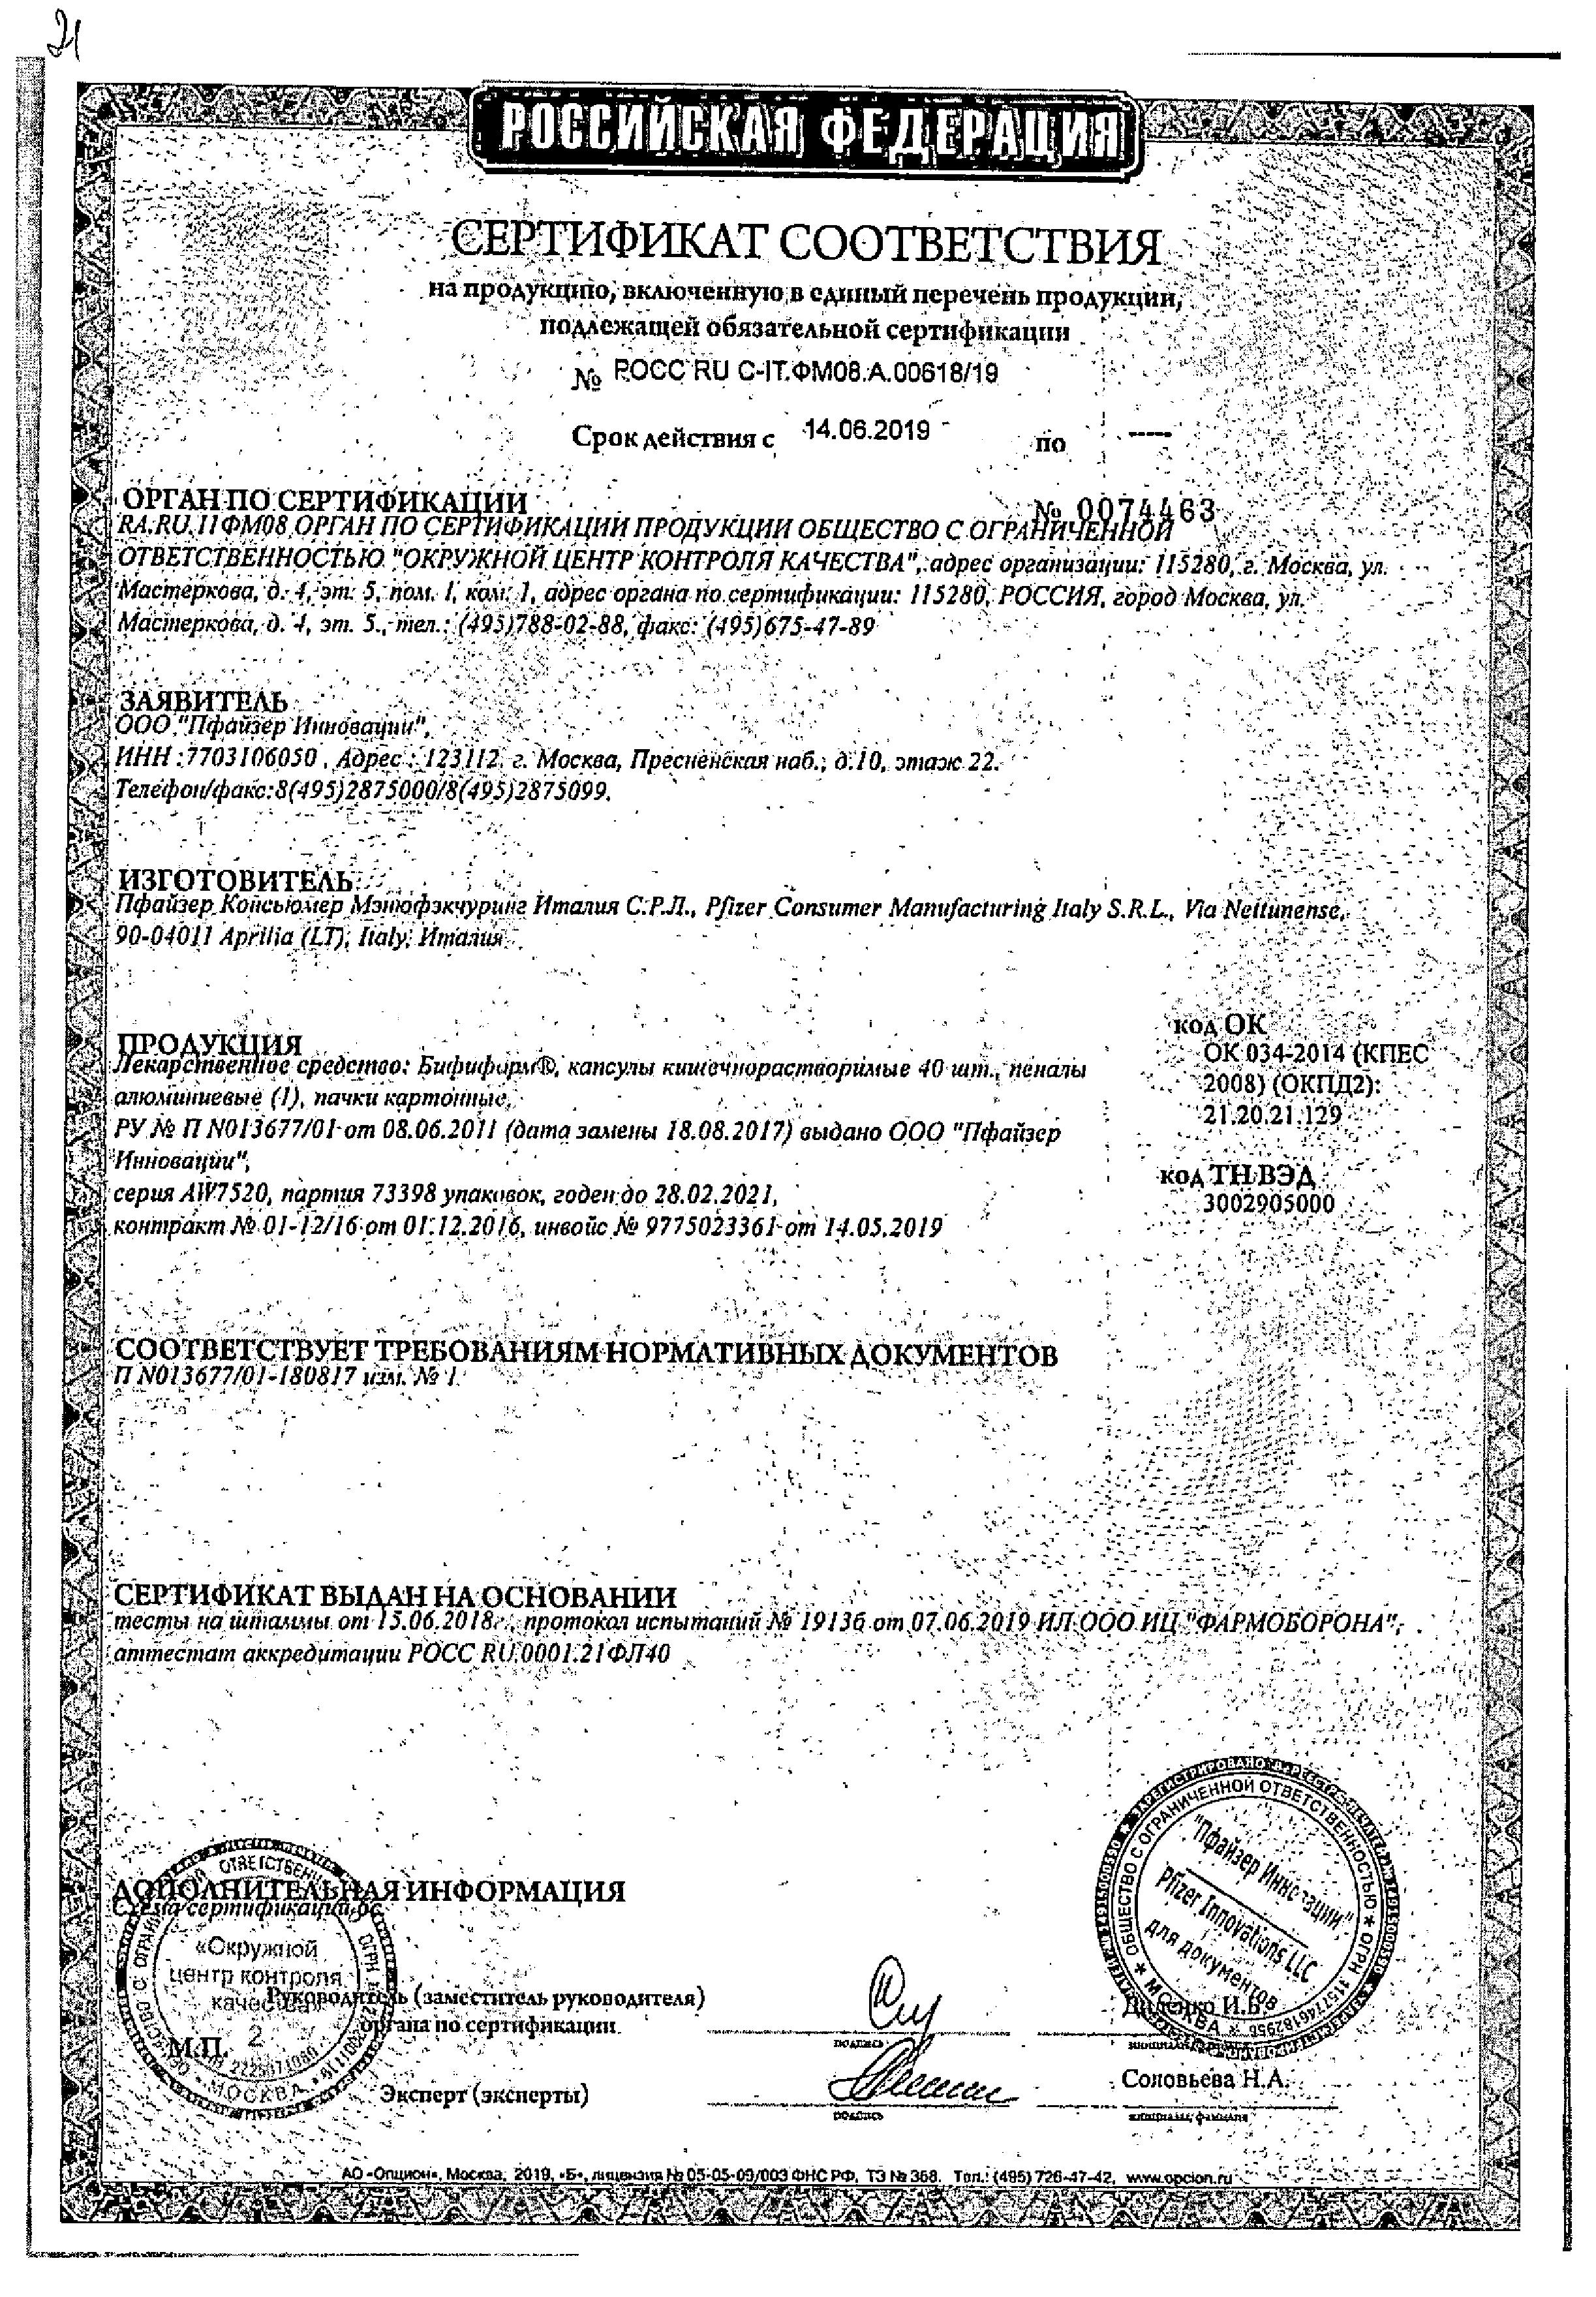 Бифиформ сертификат